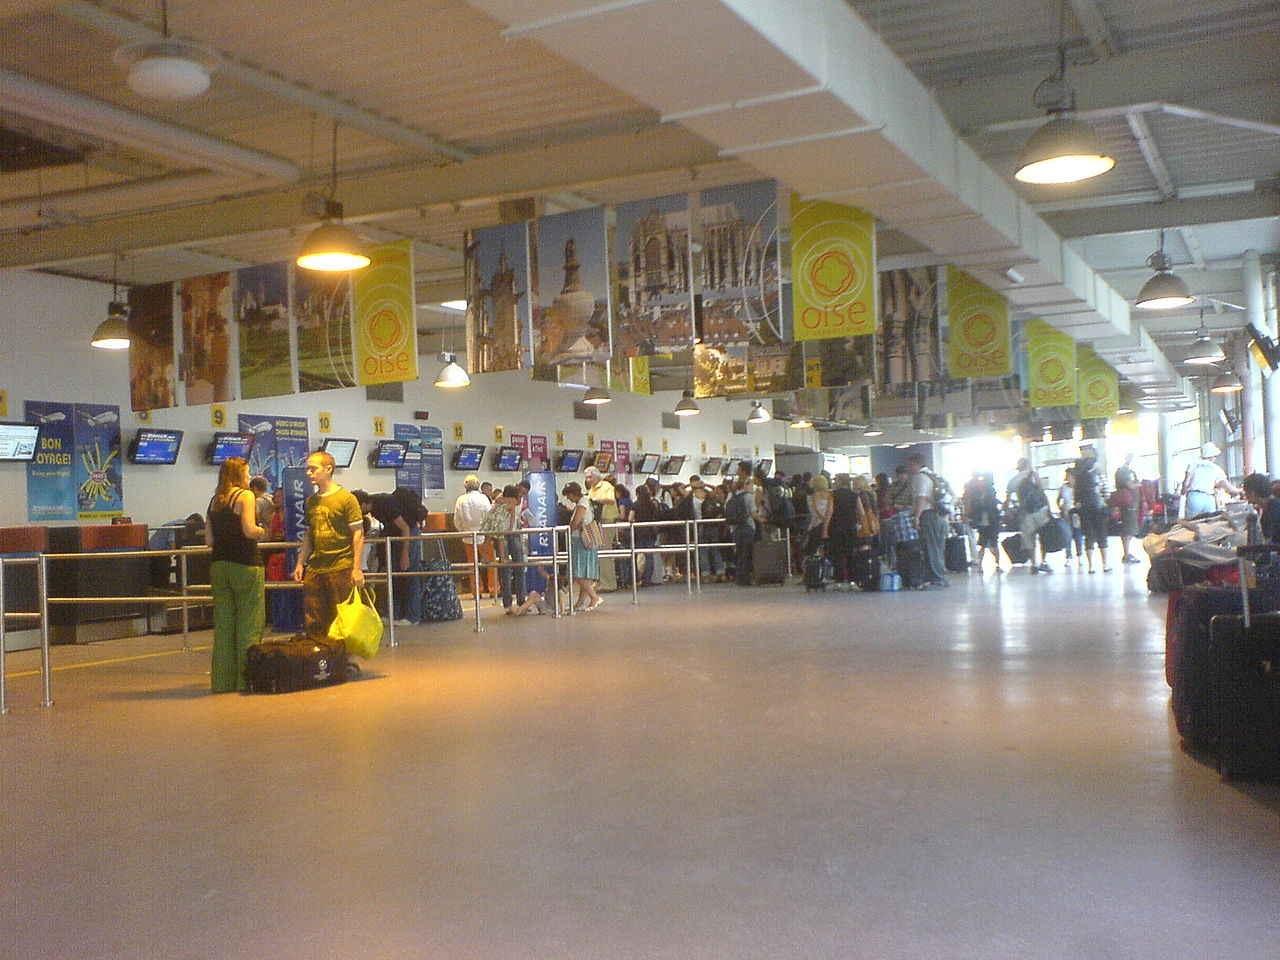 7. Sân bay quốc tế Frankfurt Hahn, Đức